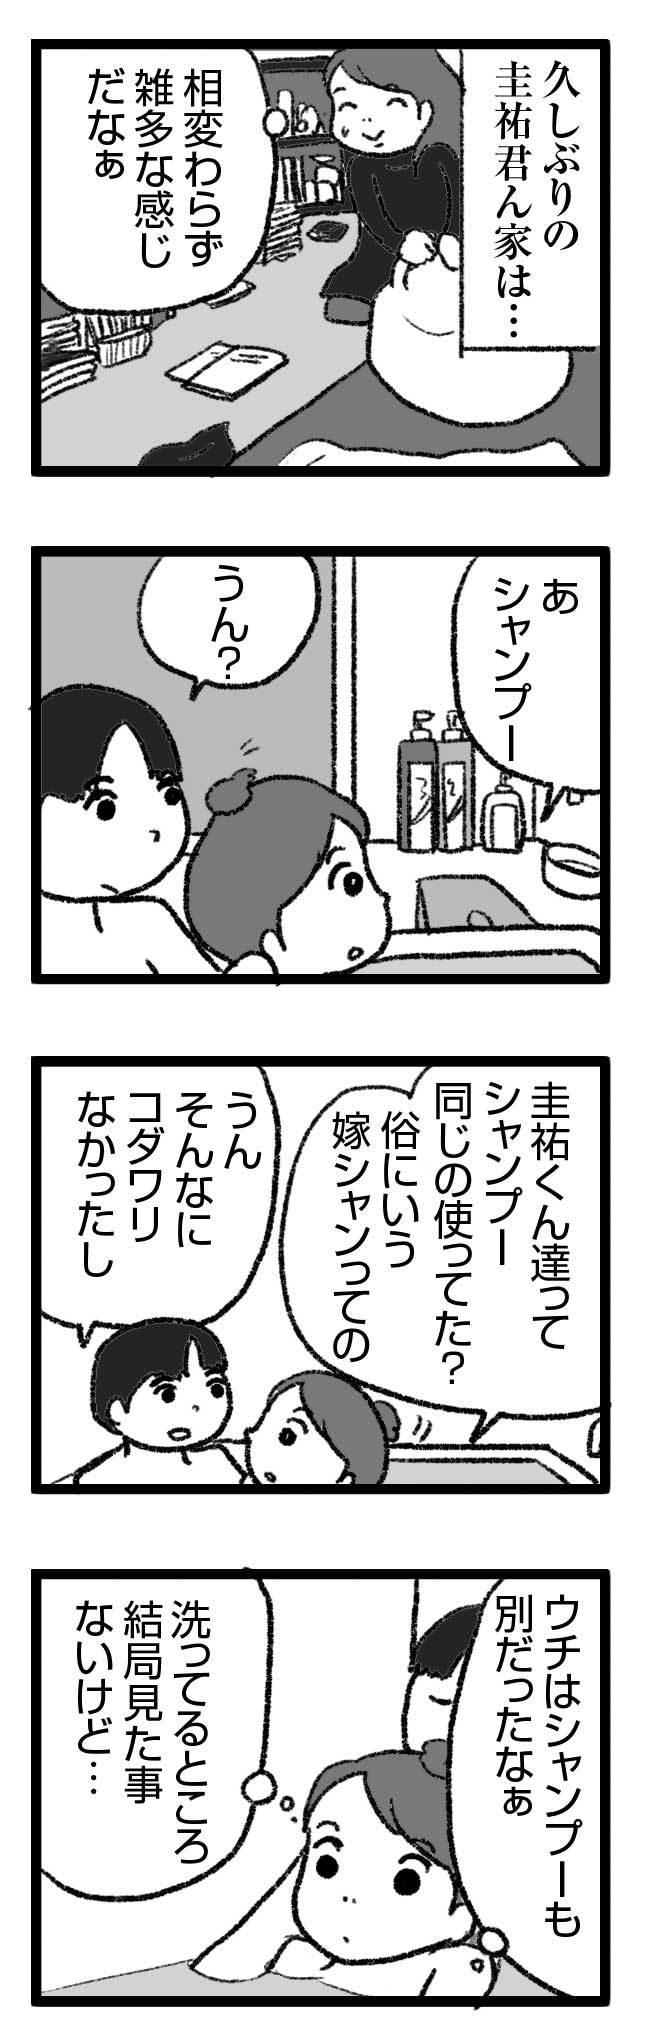 569 結婚 離婚 別居 別居中 浮気 彼女 アラフォー 中年 風呂 妻 漫画 まんが マンガ